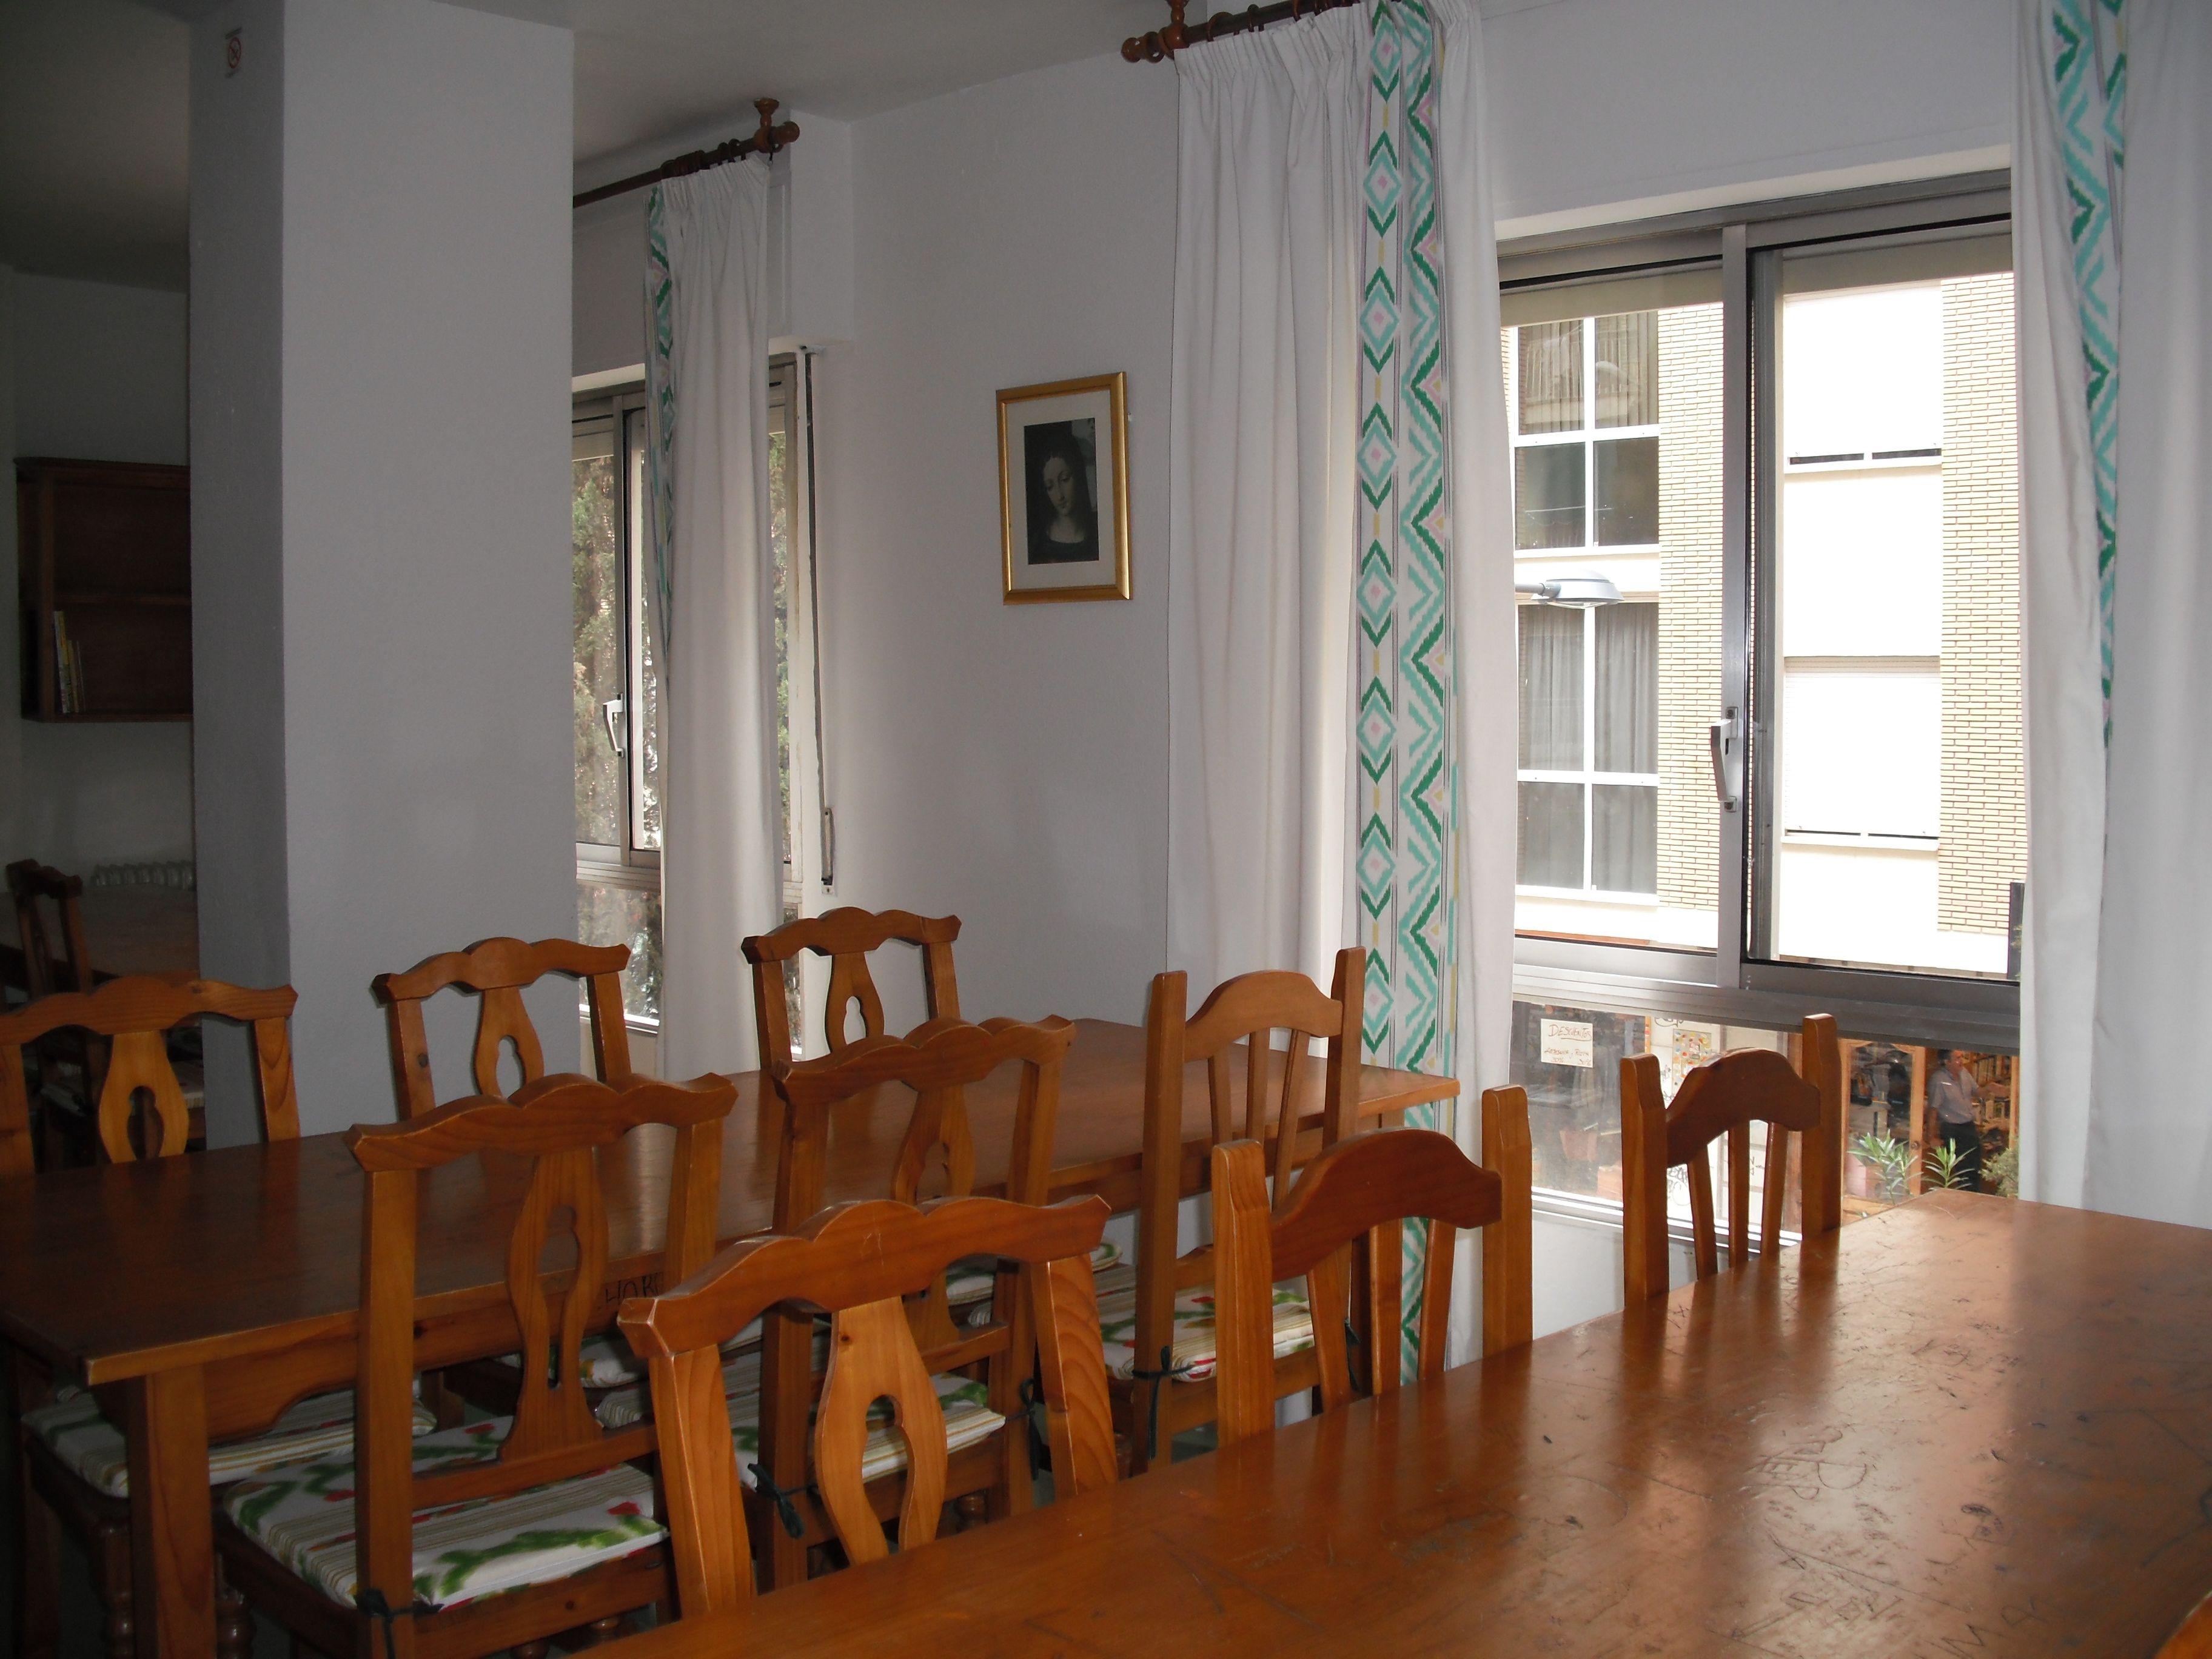 Residencia universitaria en Granada con ambiente acogedor